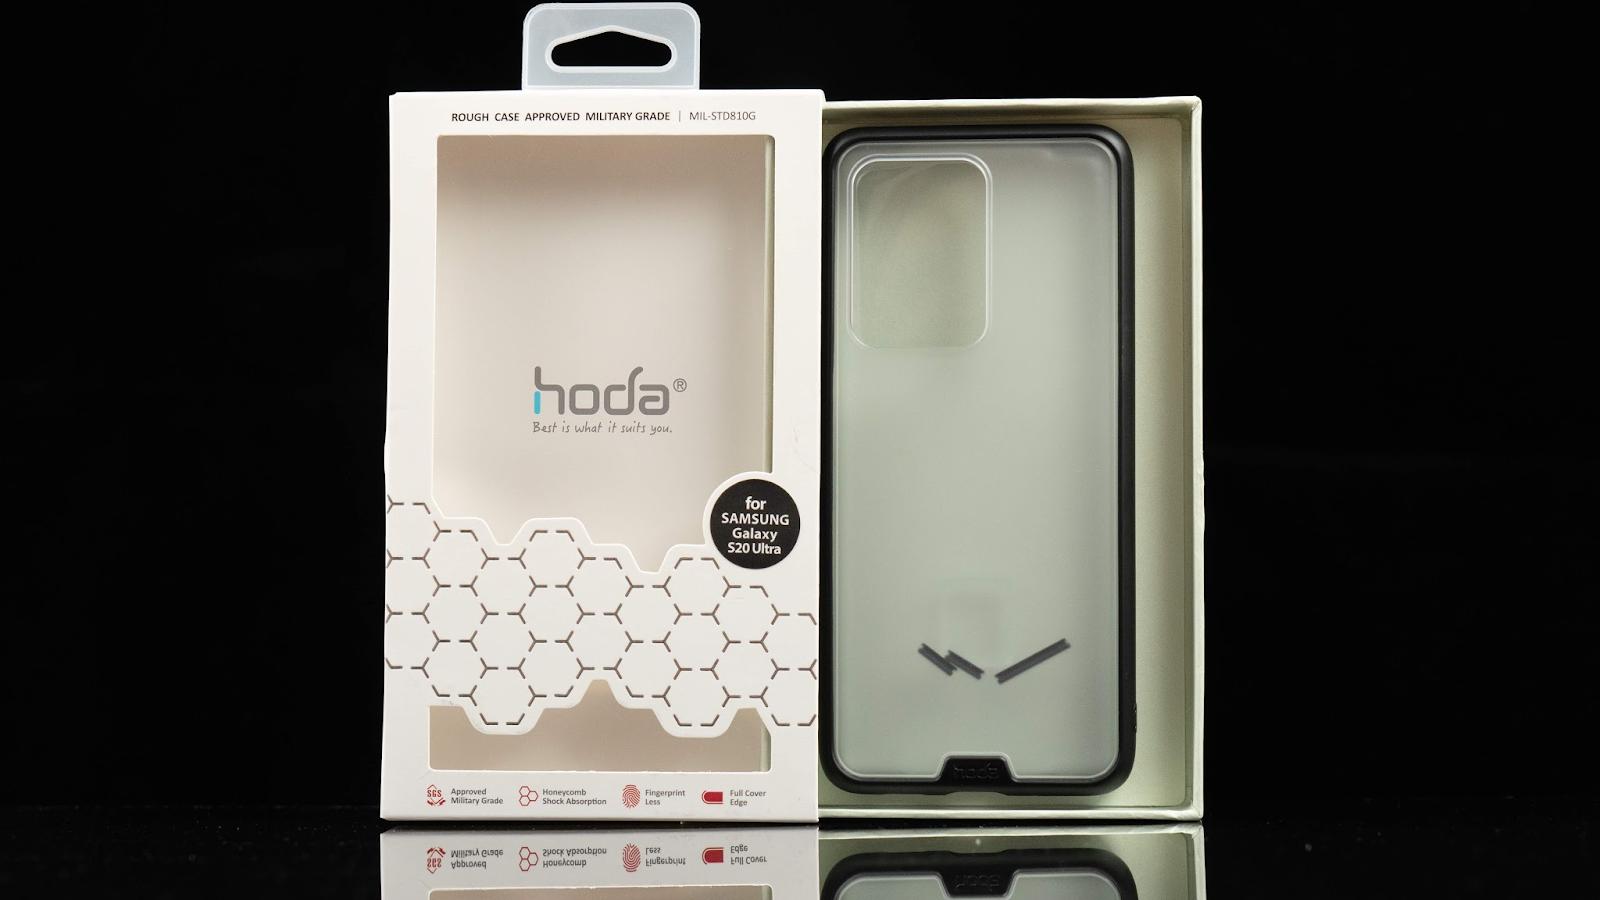 全面防護 hoda Galaxy S20 系列「柔石軍規防摔保護殼」、「3D UV 膠玻璃保護貼」全色系|科技狗 - 3